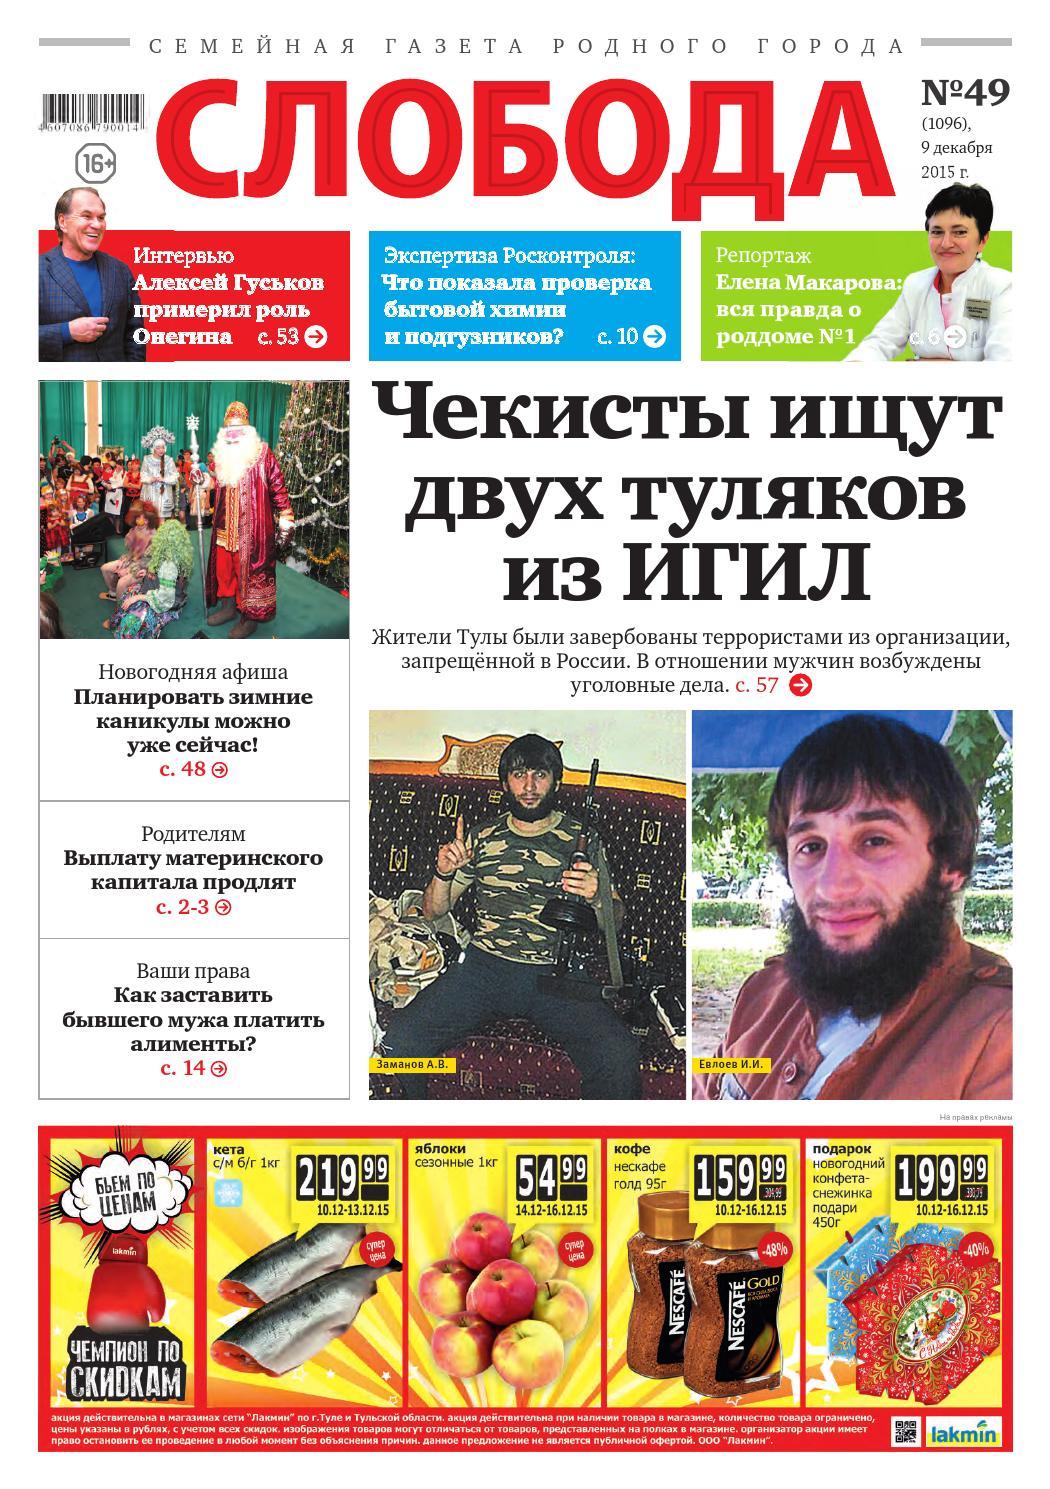 f15f3a8c48da Слобода №49 (1096)  Чекисты ищут двух туляков из ИГИЛ by Газета